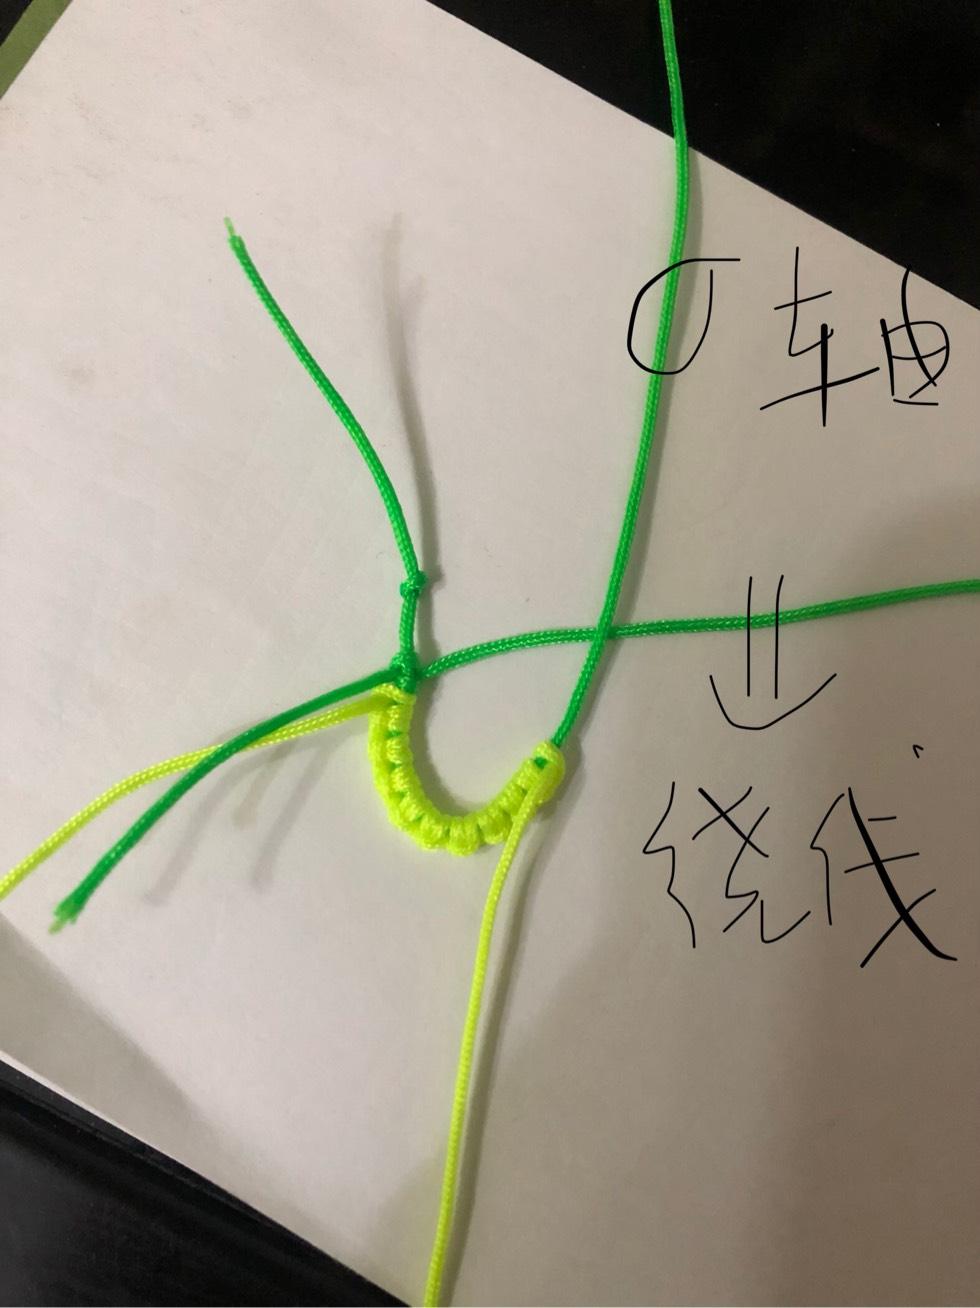 中国结论坛 第一次发教程,不太好望见谅  图文教程区 204237ygi6v26hfh6vtvtw